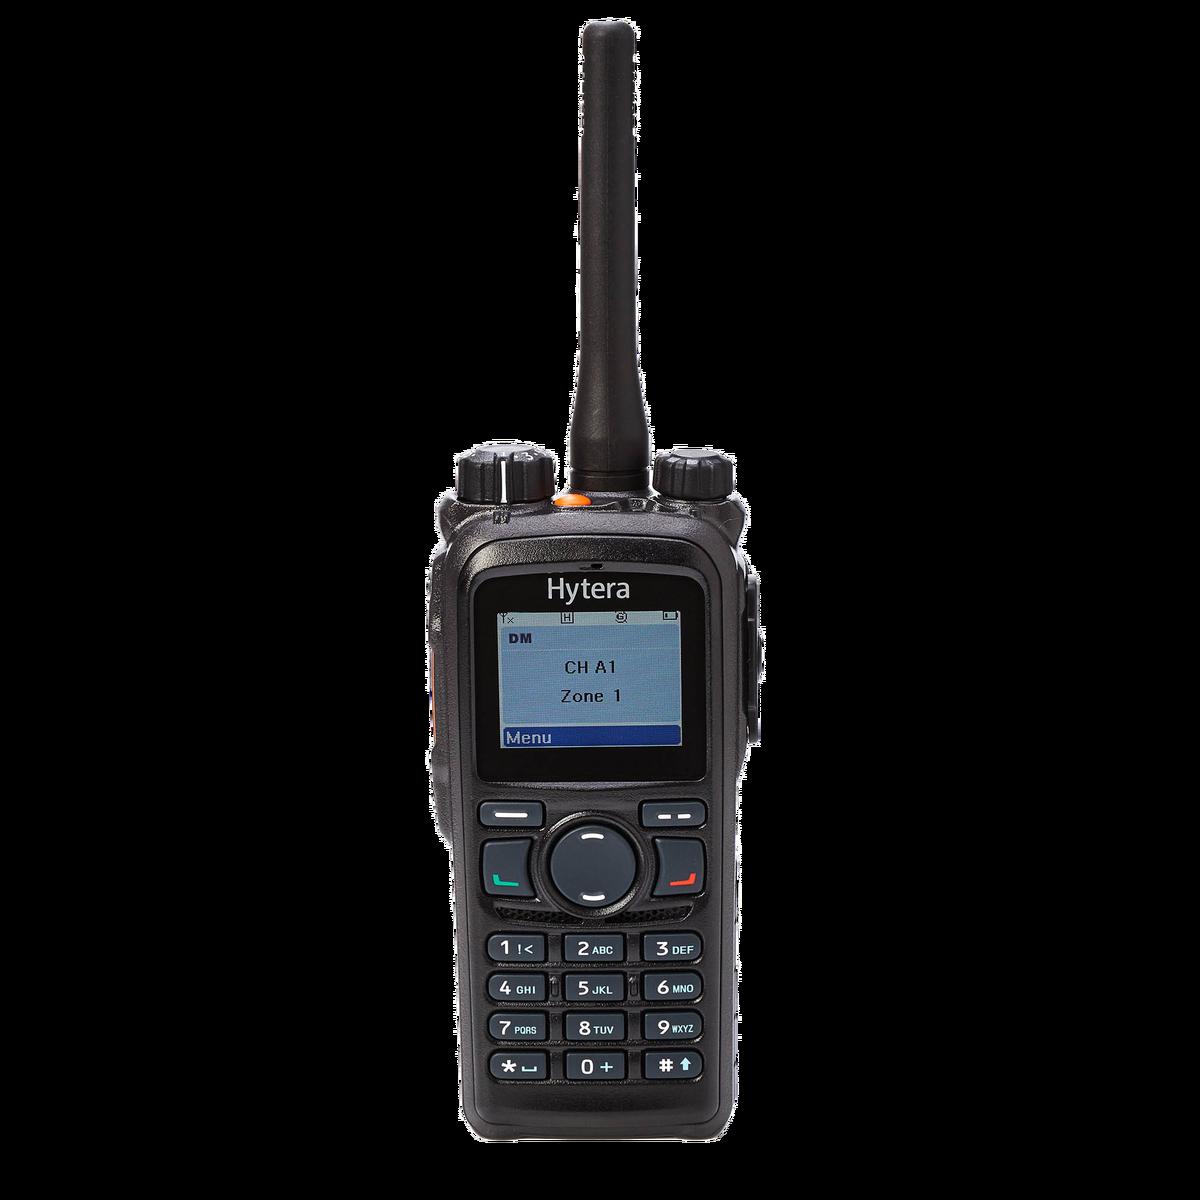 Hytera UHF Digital Radio 1024 CH LCD Keypad